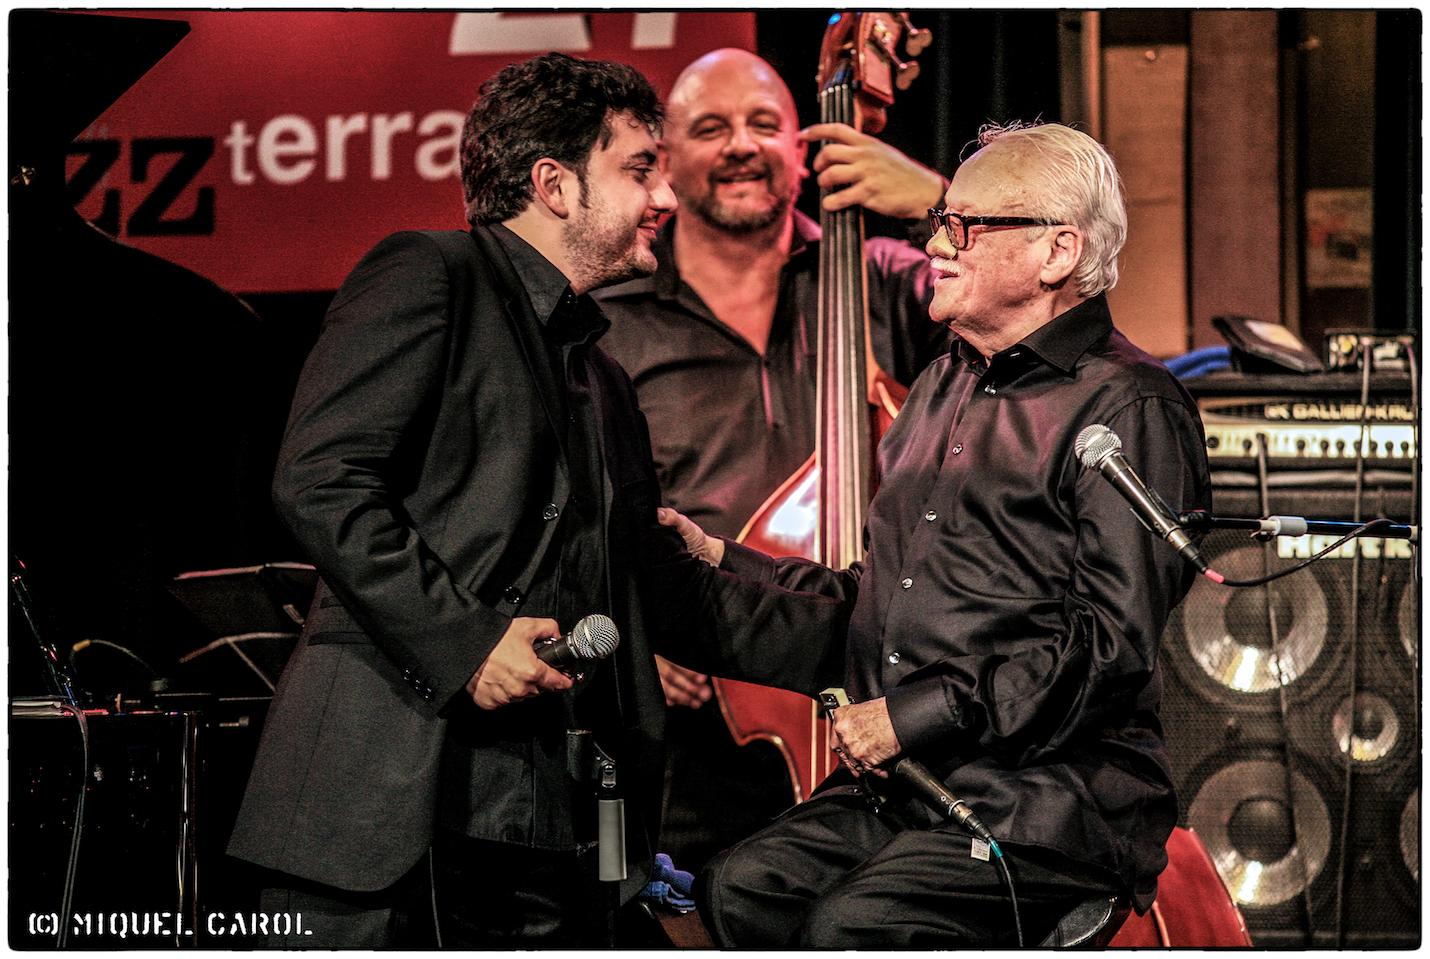 Antonio Serrano: 'Conocer a Toots Thielemans despertó en mí la curiosidad por el jazz y la improvisación'